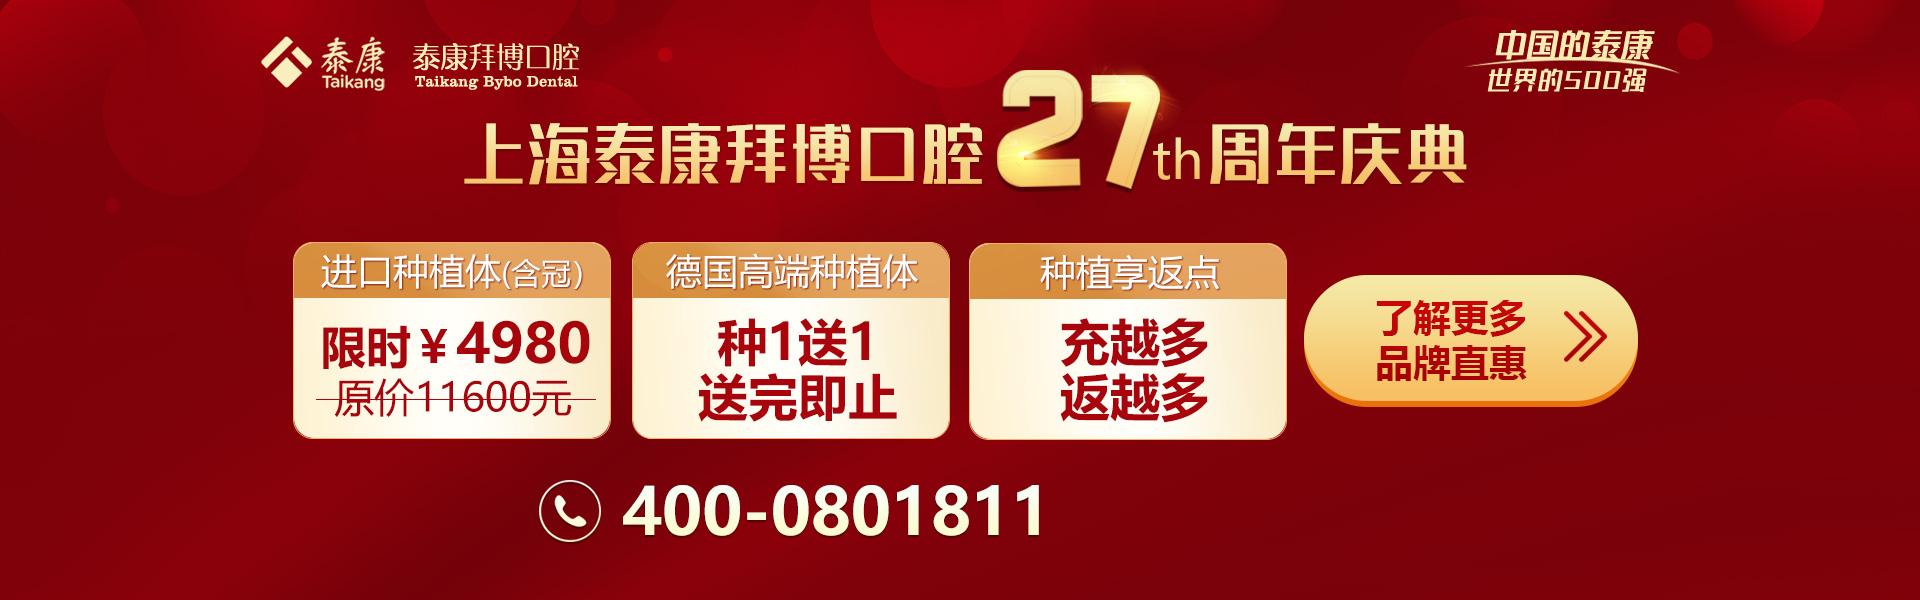 上海泰康拜博口腔27周年庆典种植特惠